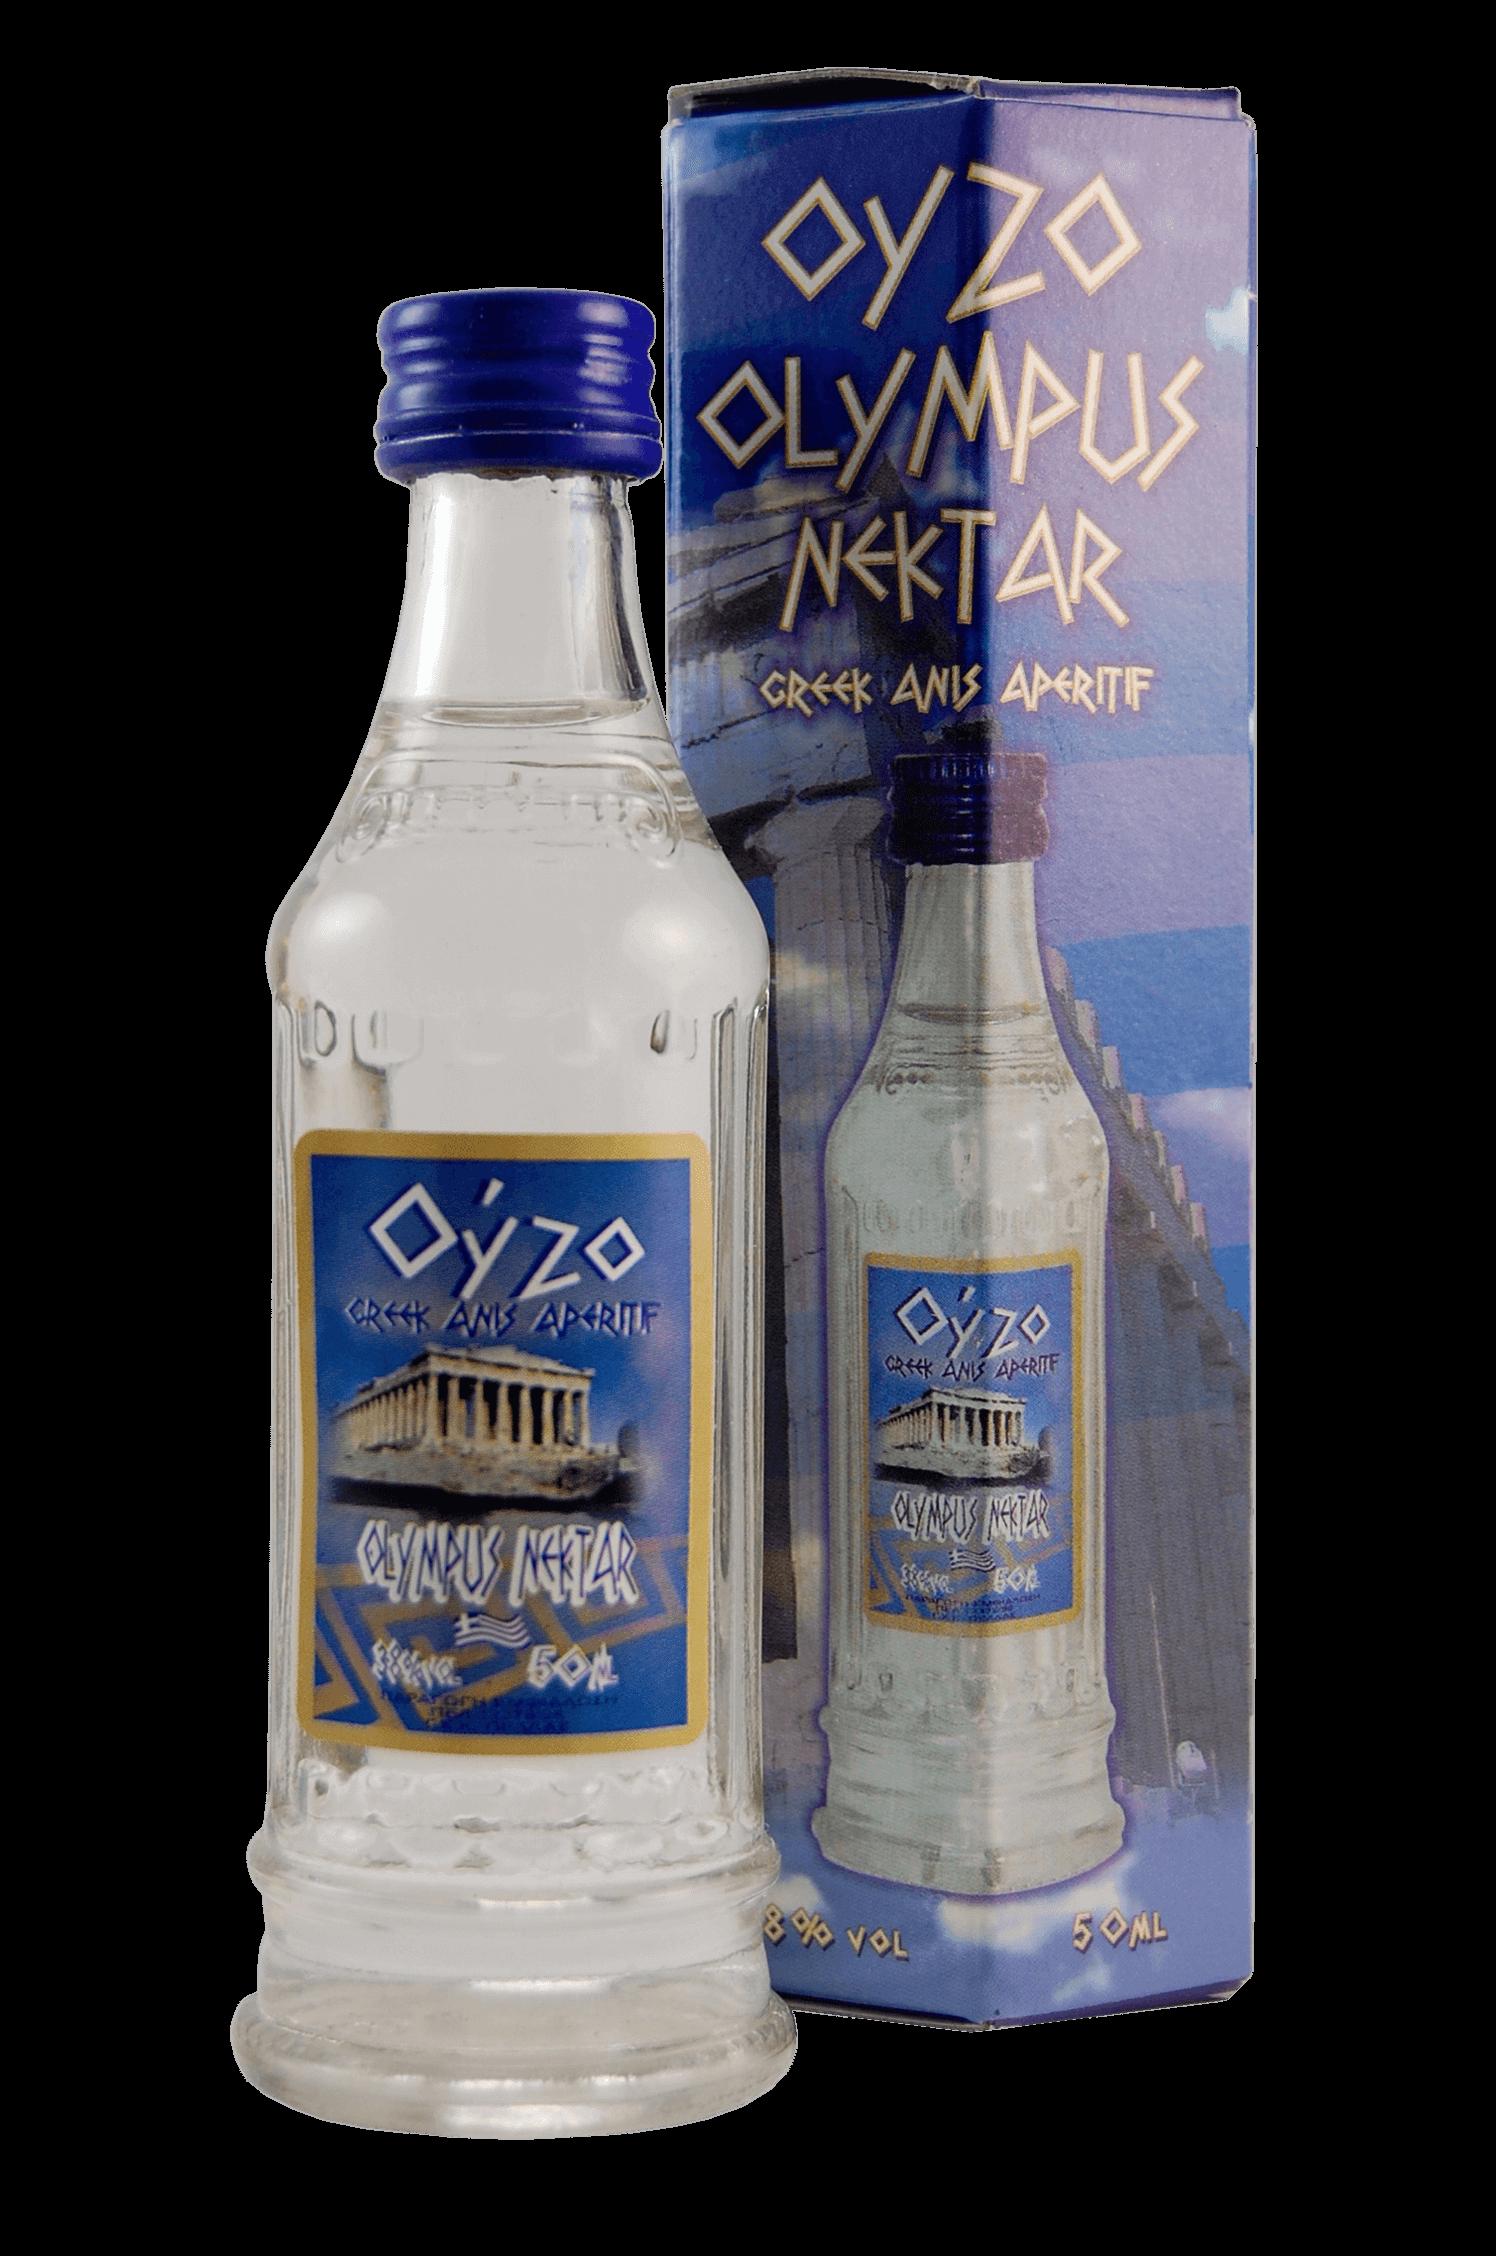 Oýzo Olympus Nektar